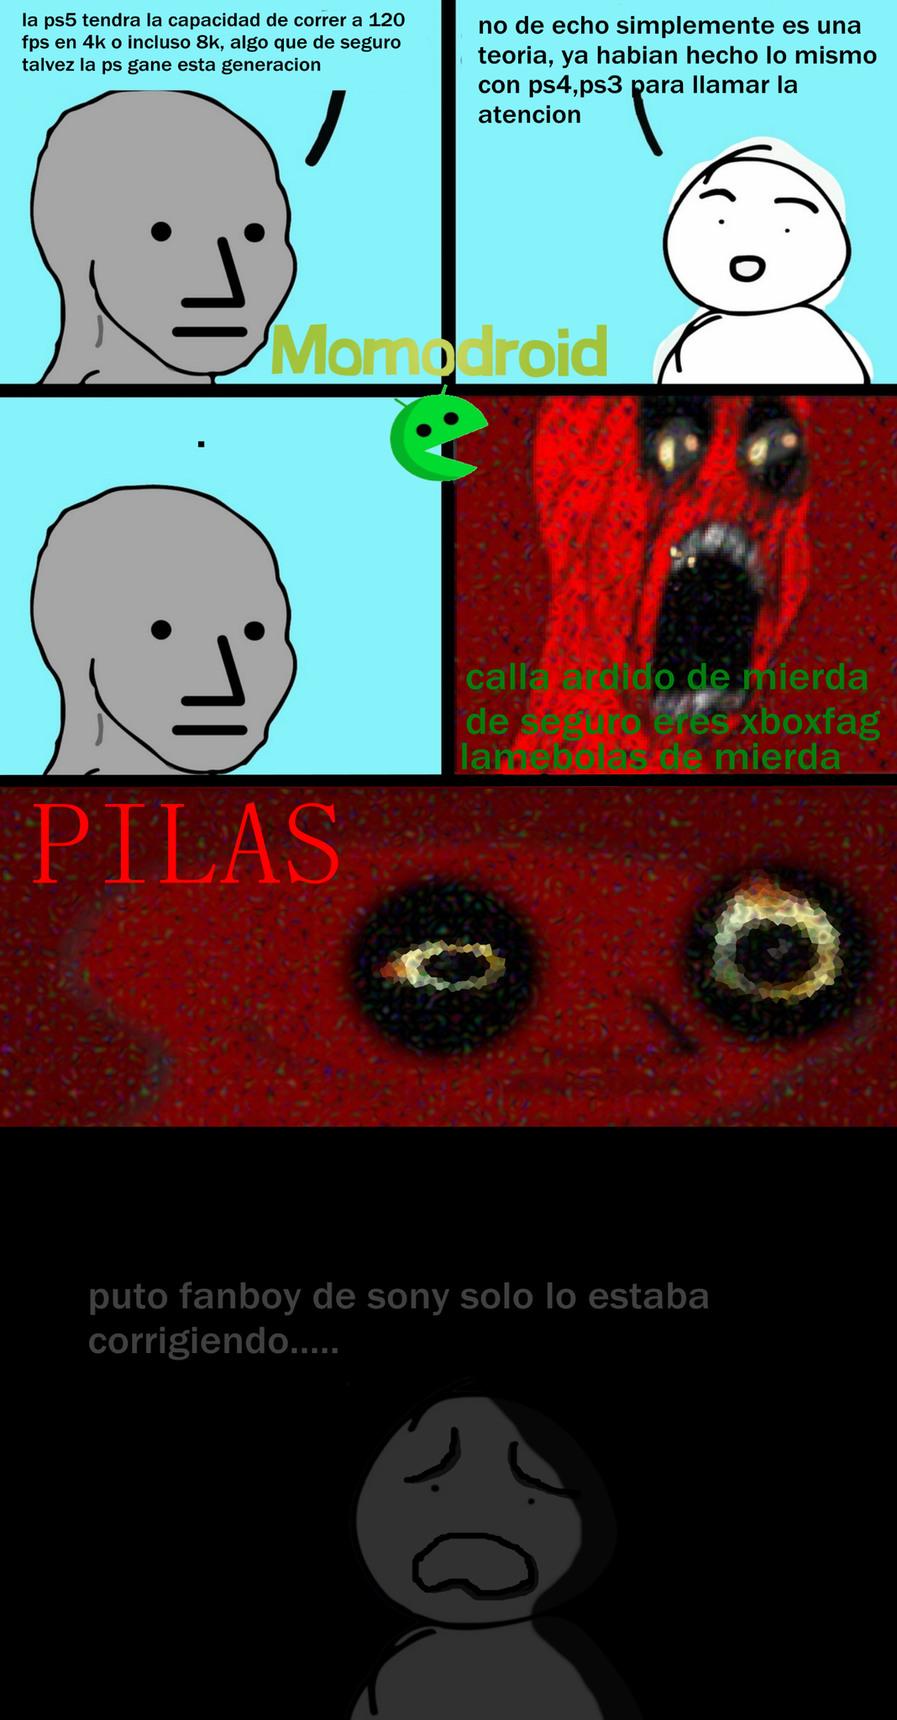 P I L A S - meme